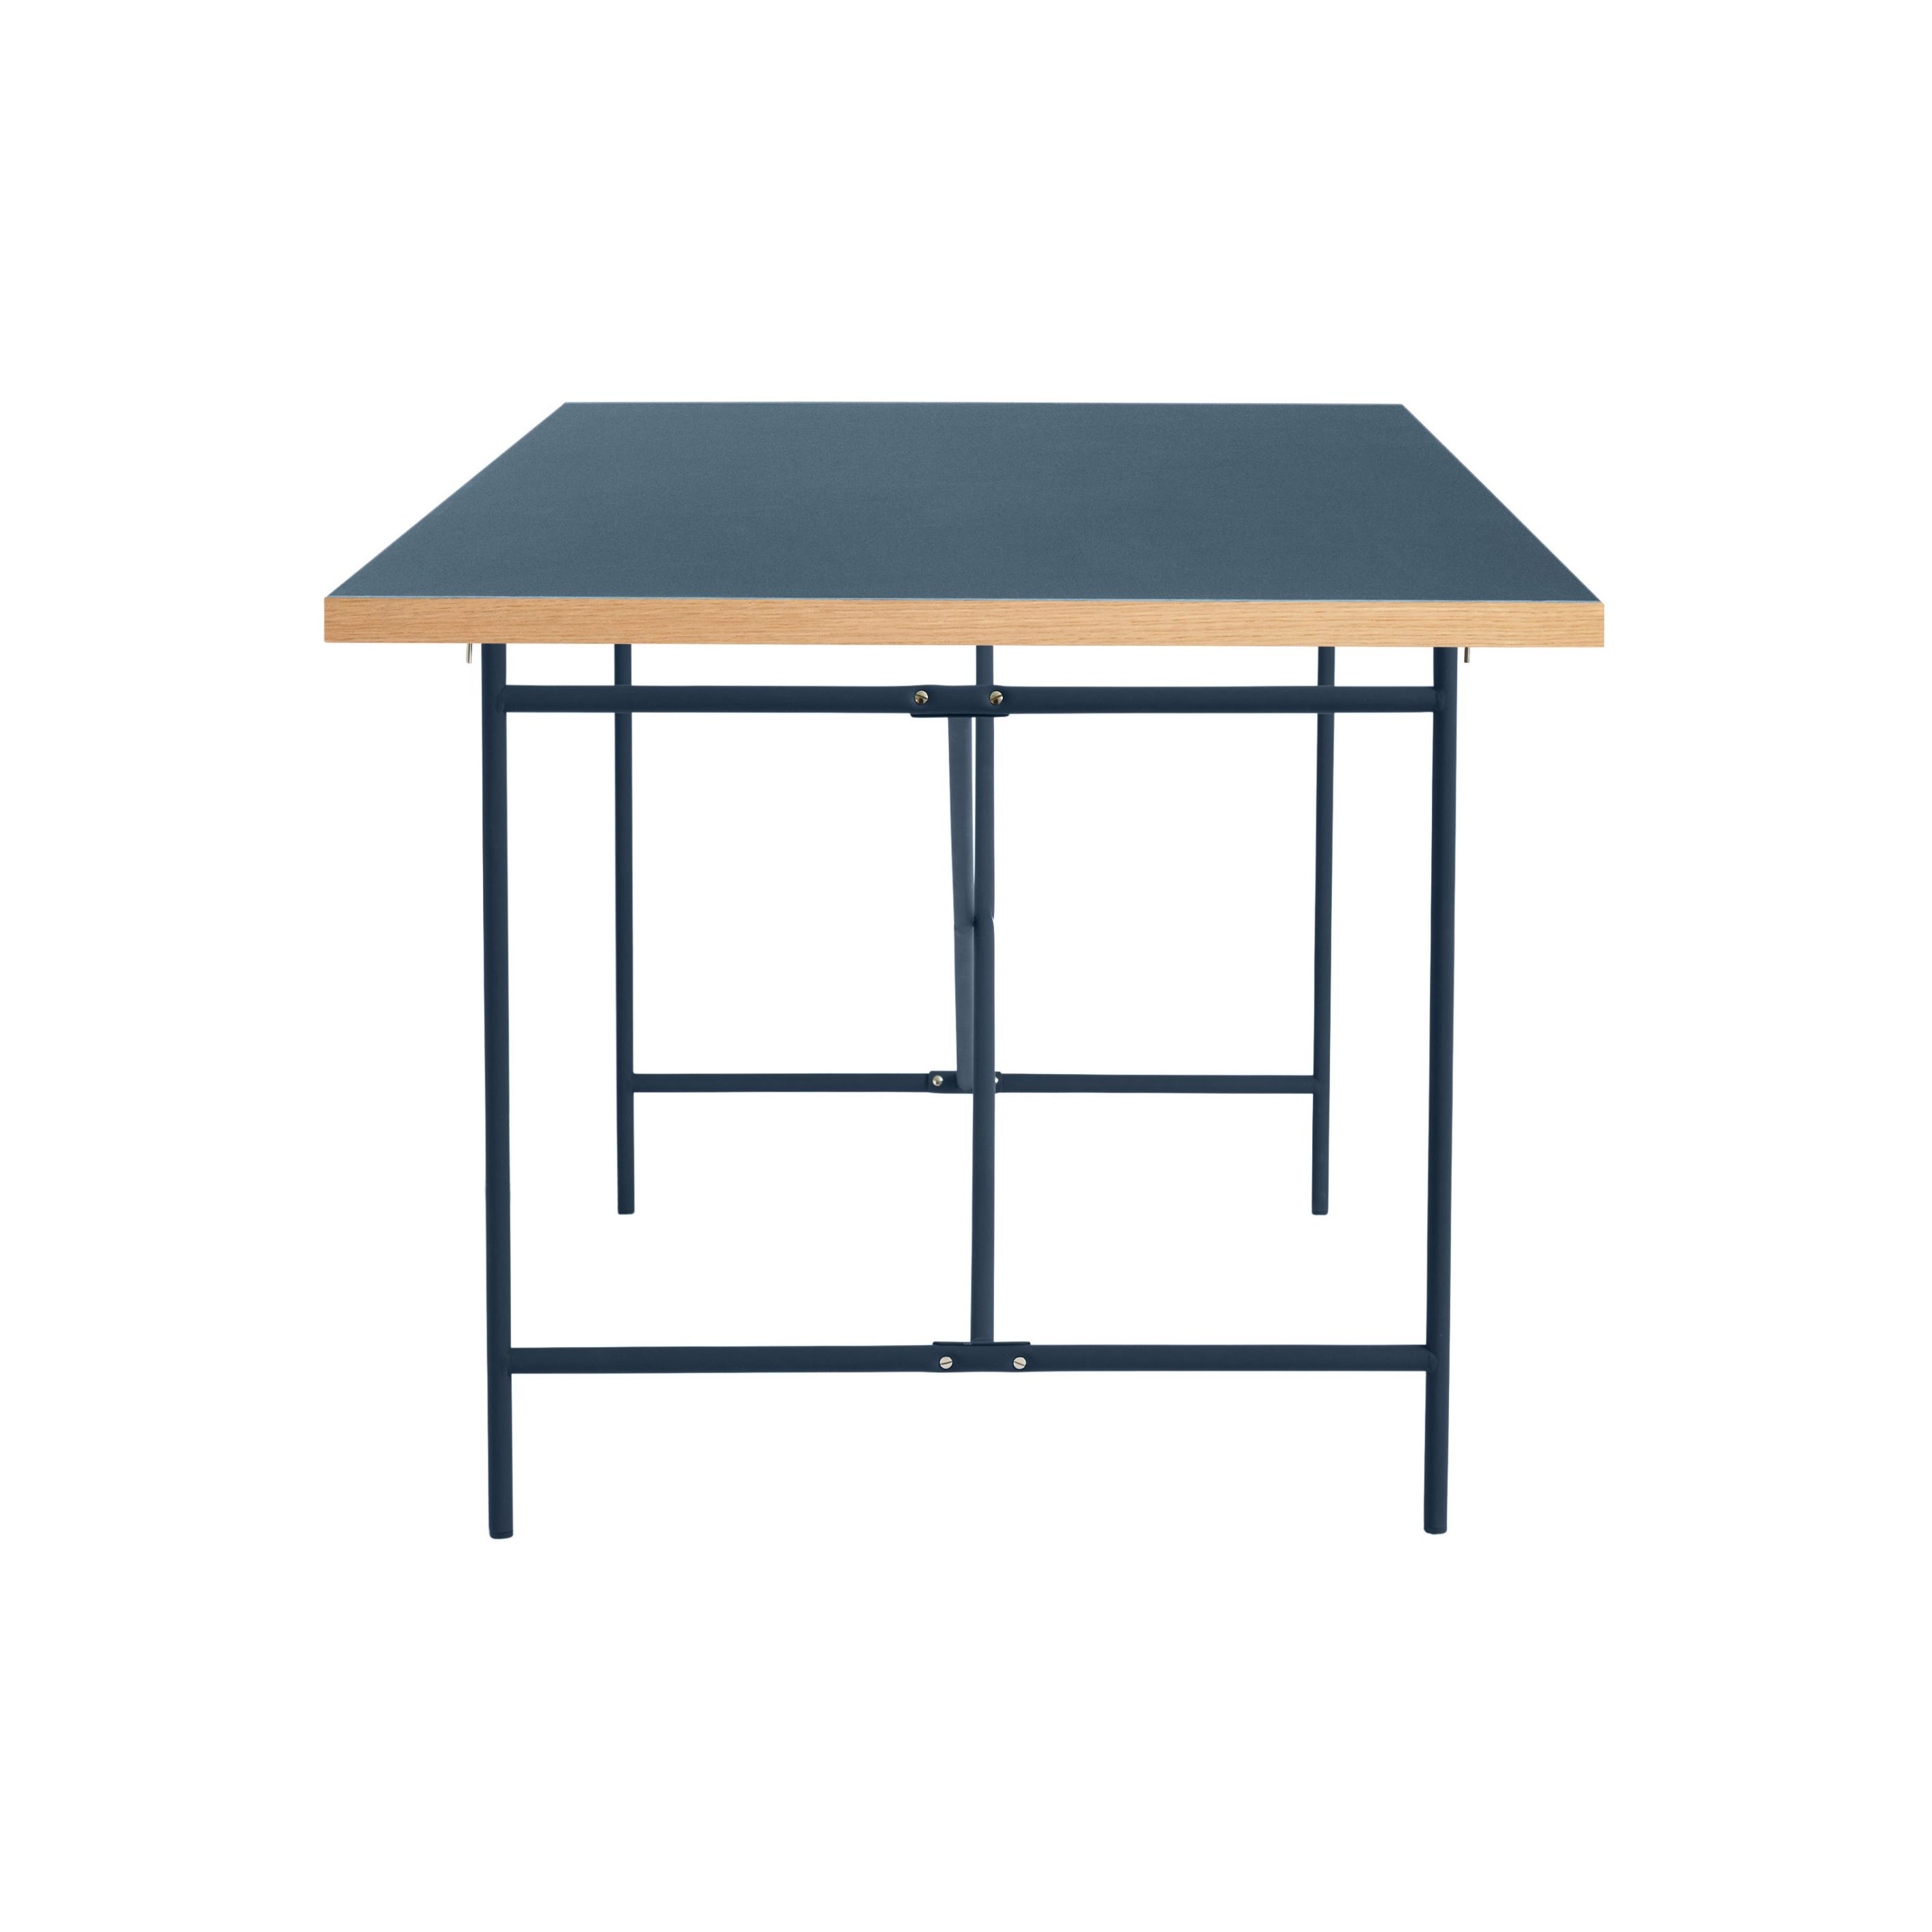 Eiermann 2 Dining Table 120 x 80